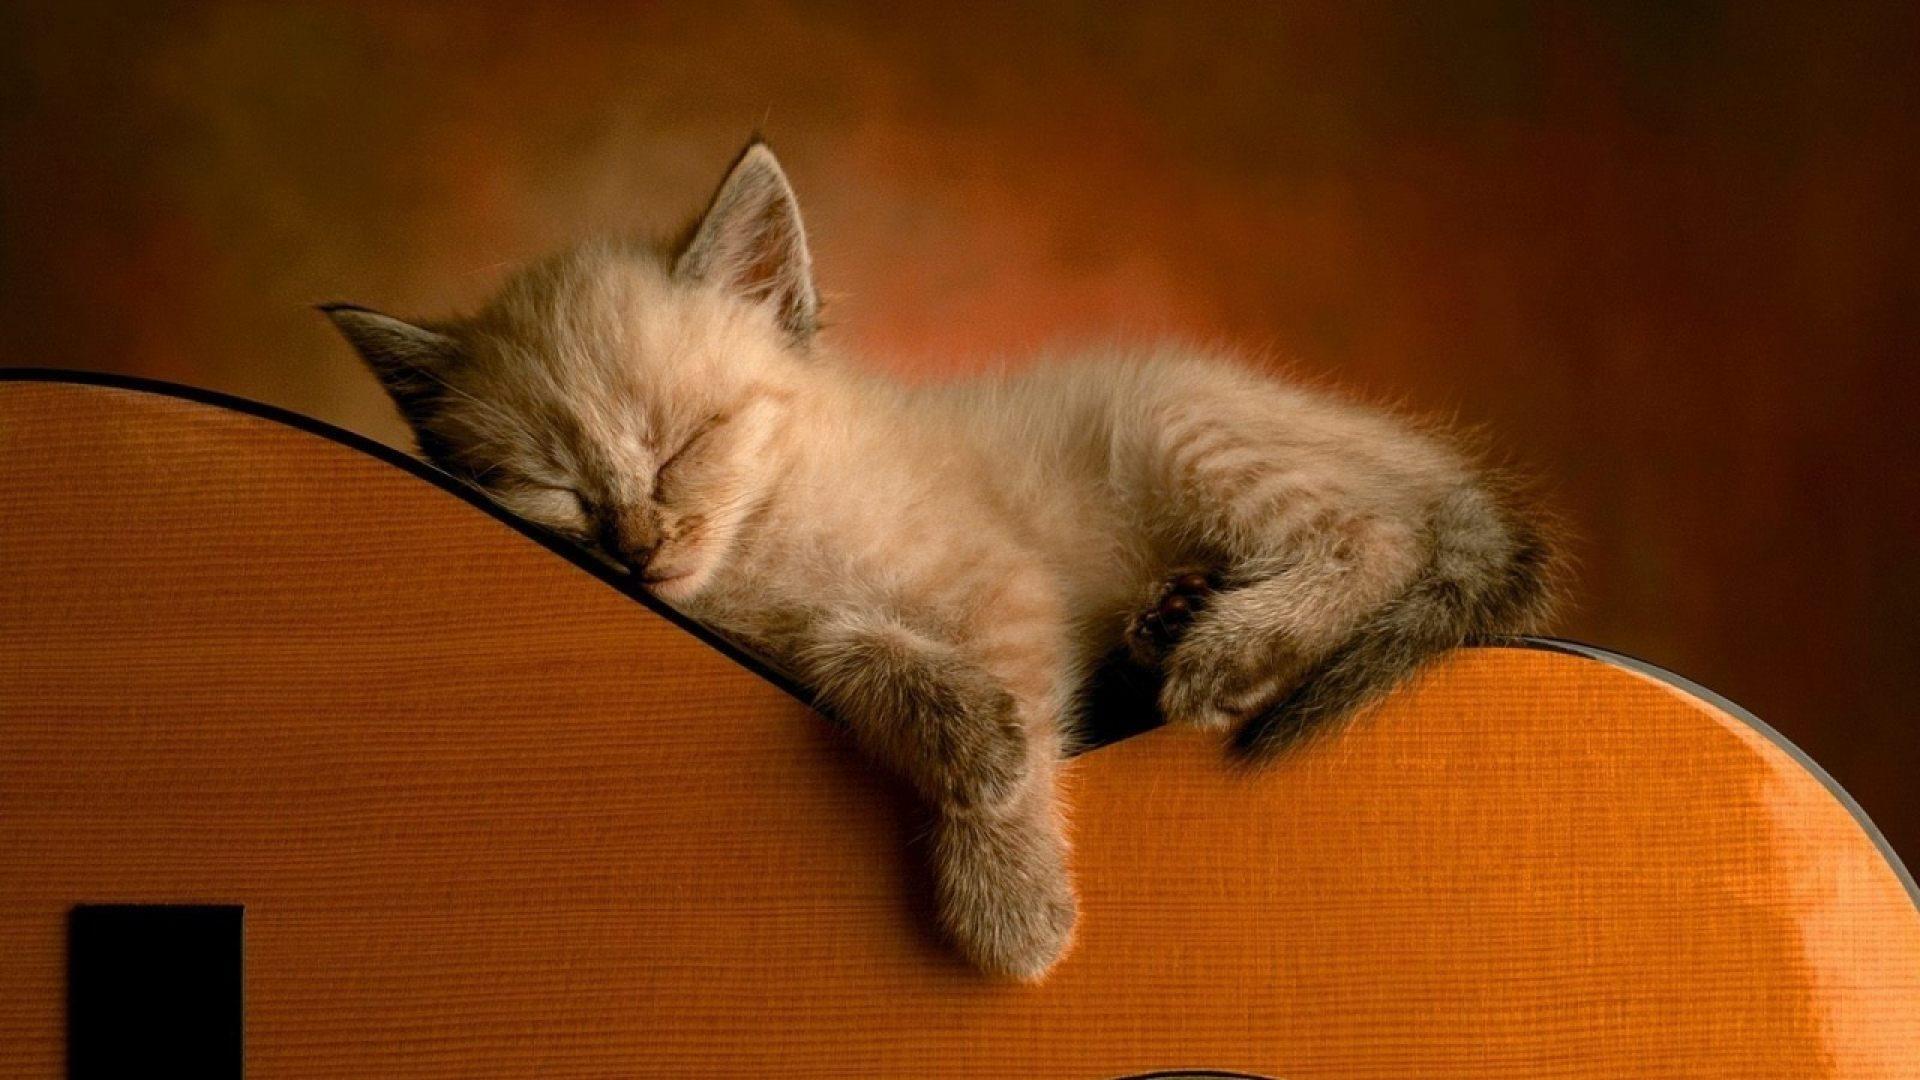 Resultado de imagen para animales tiernos durmiendo